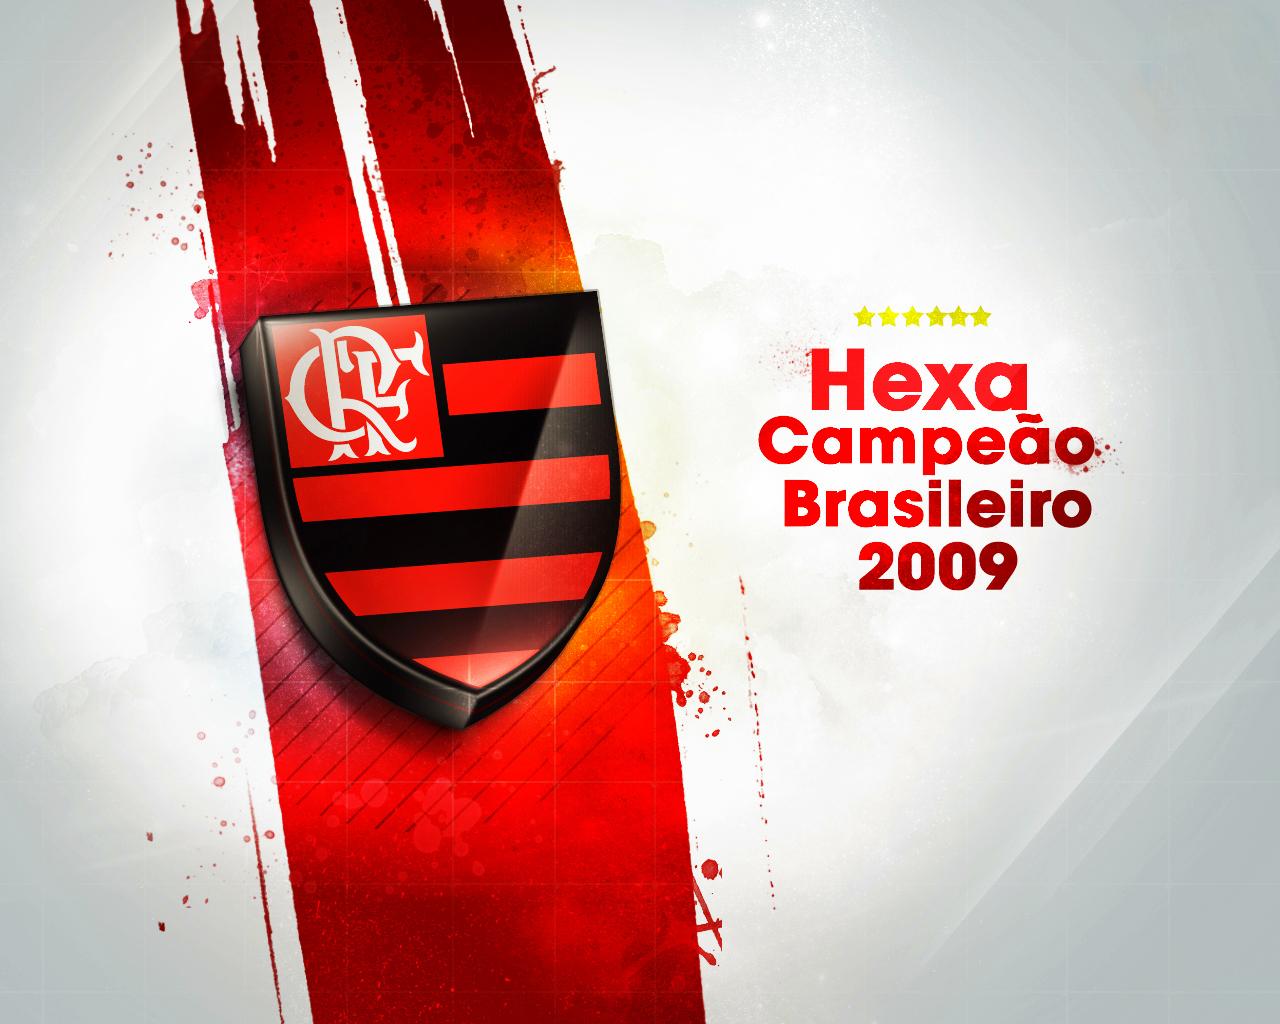 http://3.bp.blogspot.com/-oBcpN6t9w24/UA1vm7Pfa5I/AAAAAAAAAs0/j7pcCijnjcw/s1600/flamengo-campeao-wallpaper+(2).jpg